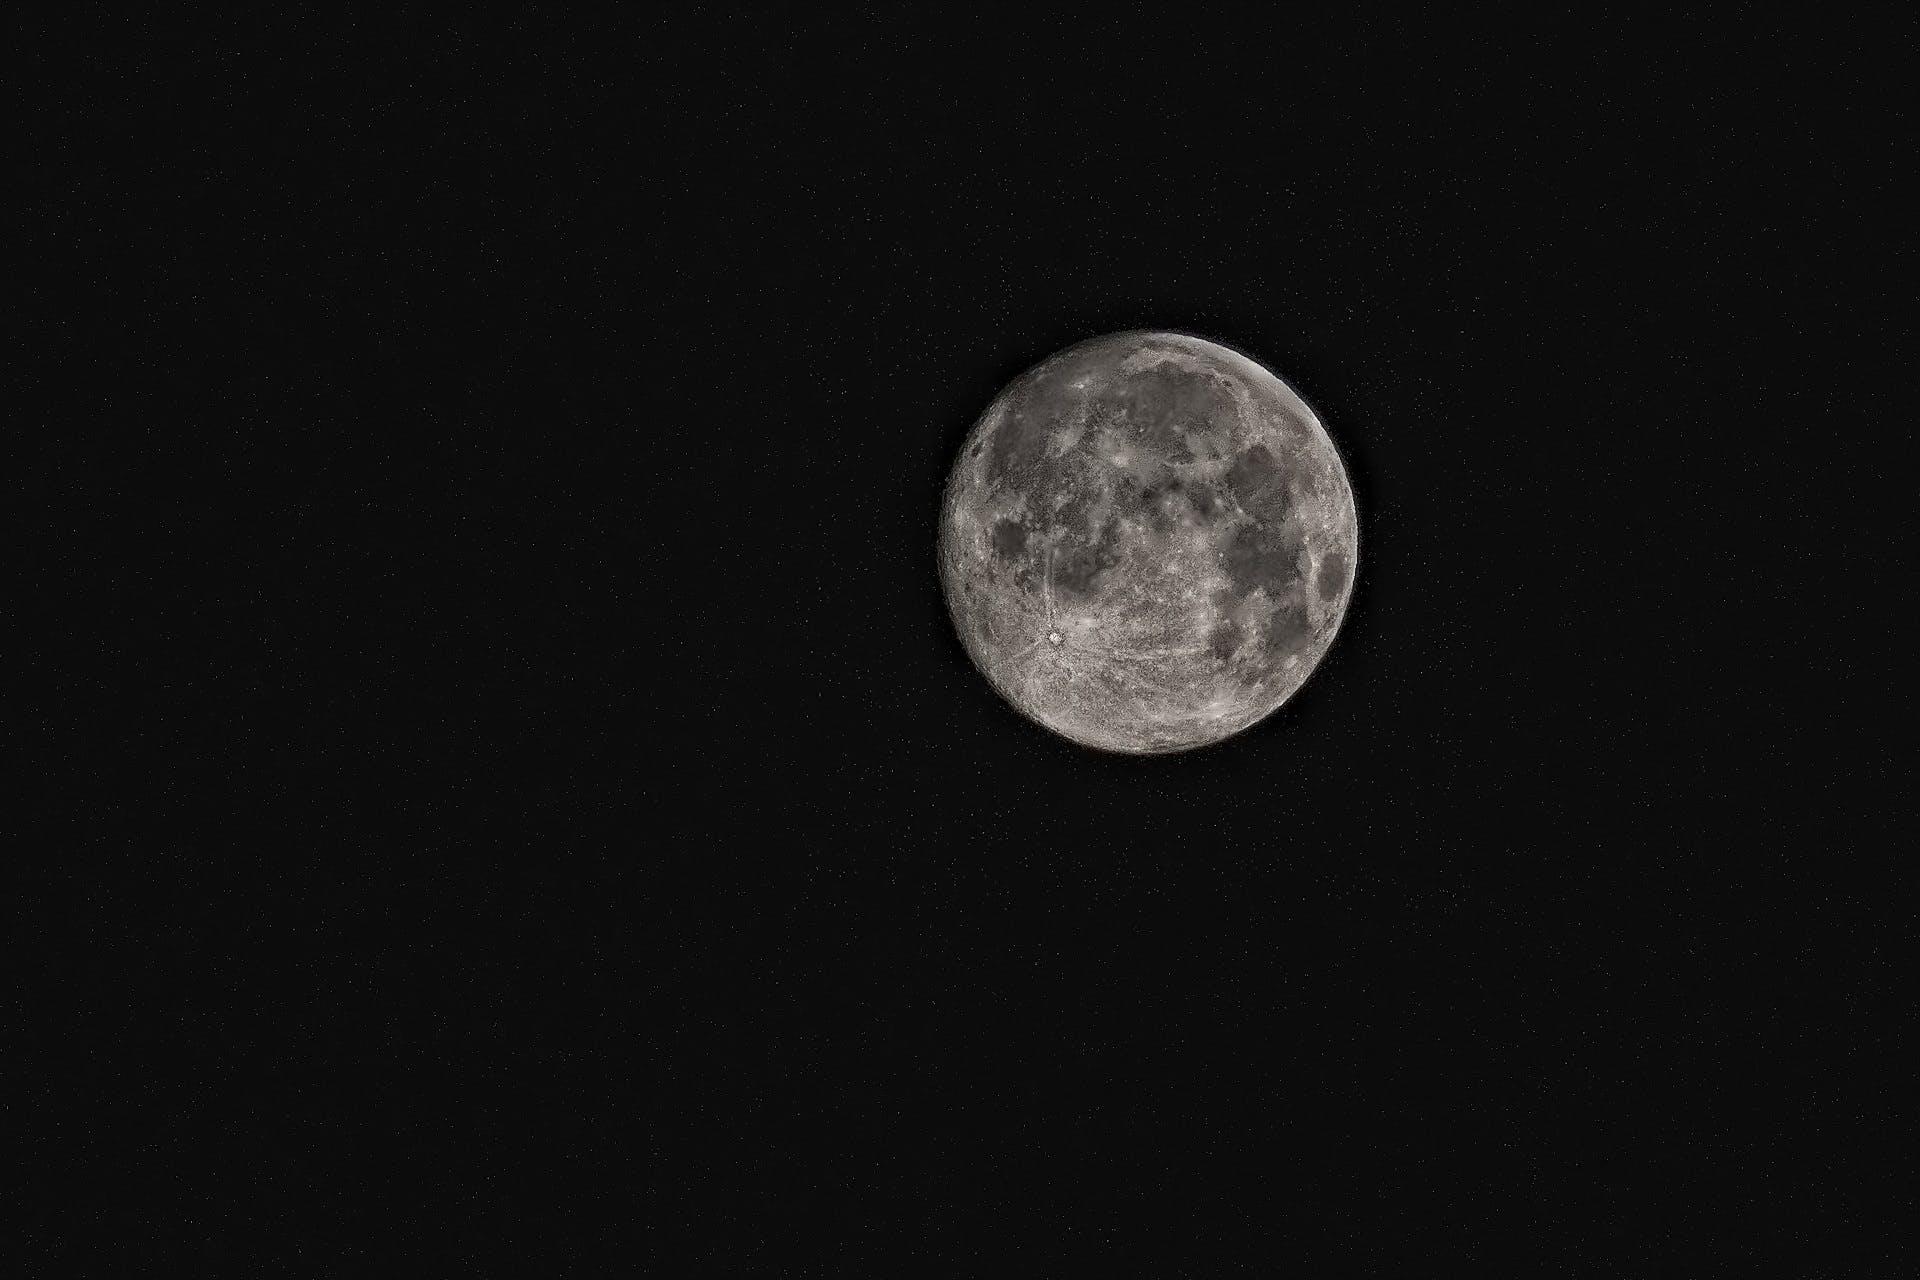 Moon on Focus Photo